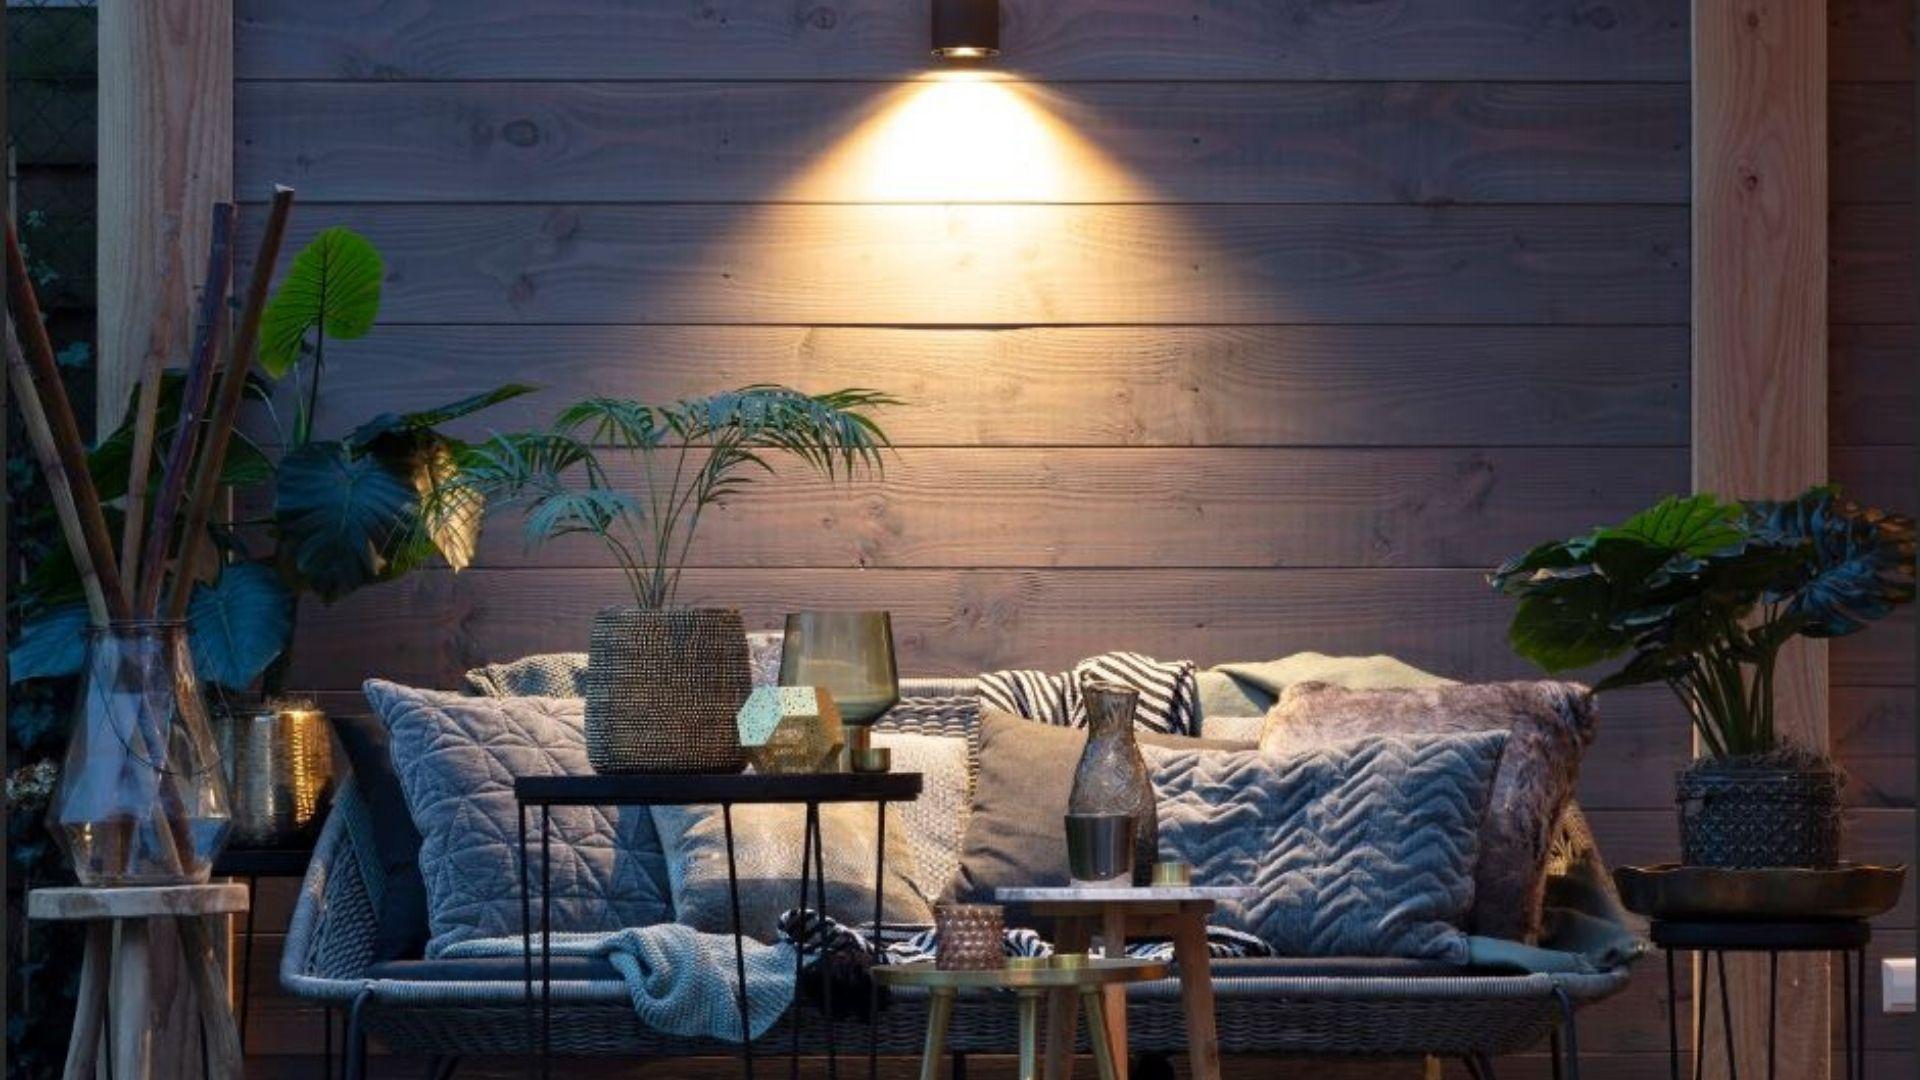 Zet uw tuin in de spotlights!